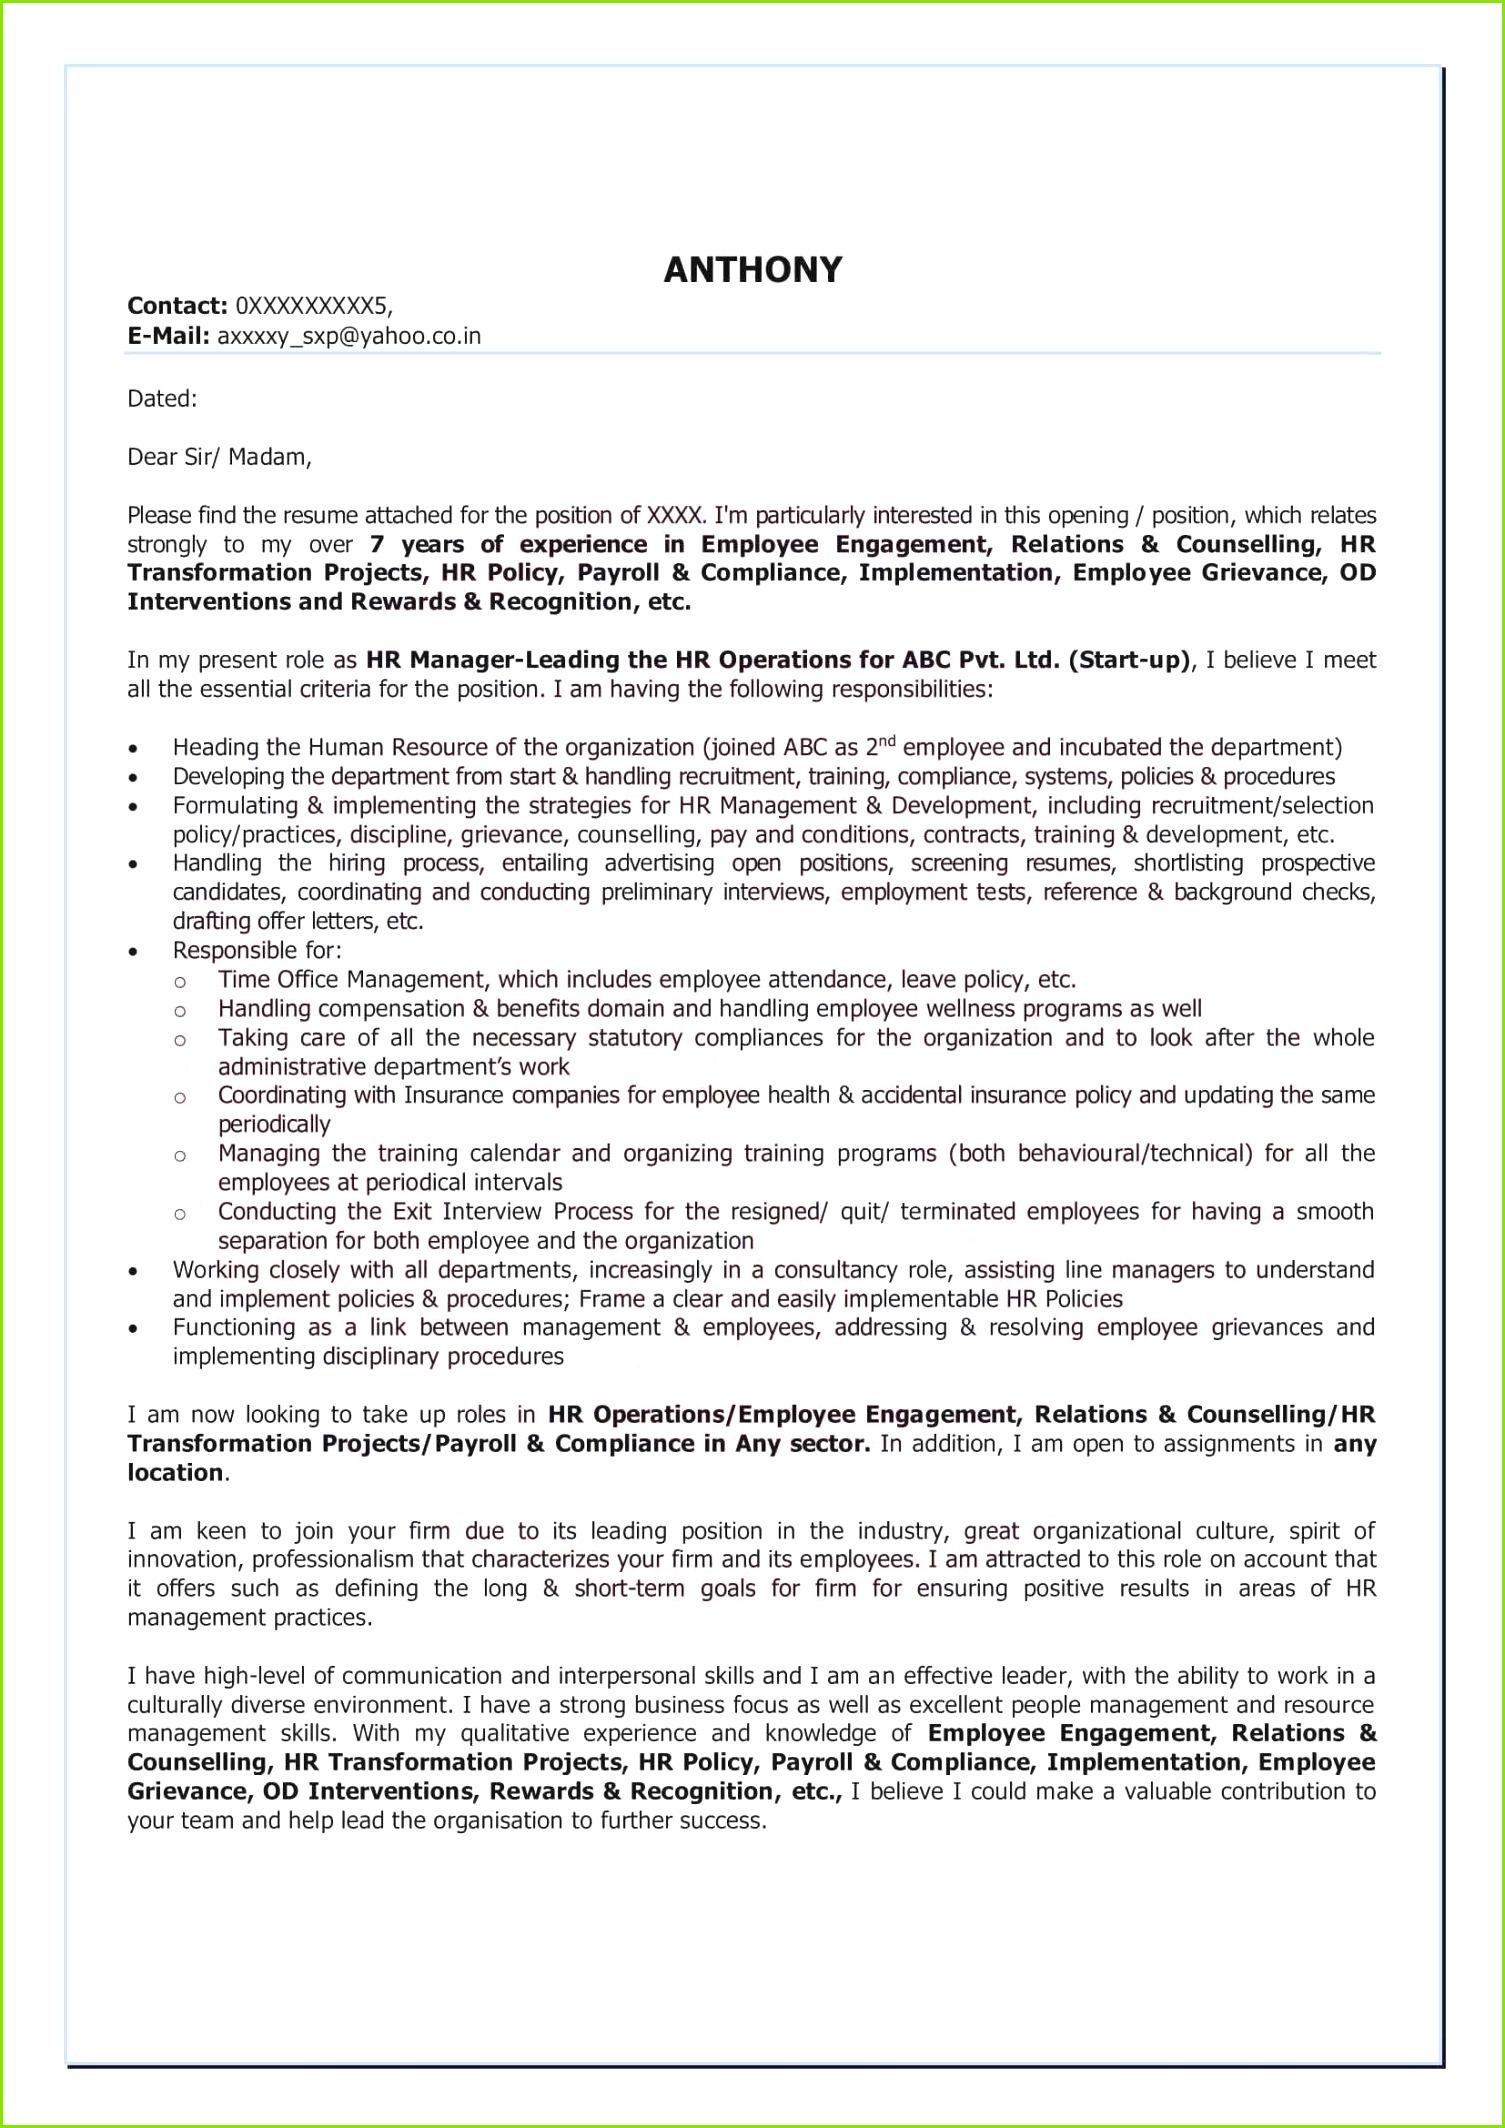 Bauer Vertriebs Kg Kündigung Auf Einen Blick Frisch Neues Kündigung Steuerberater Muster 12 Detaillierte Bauer